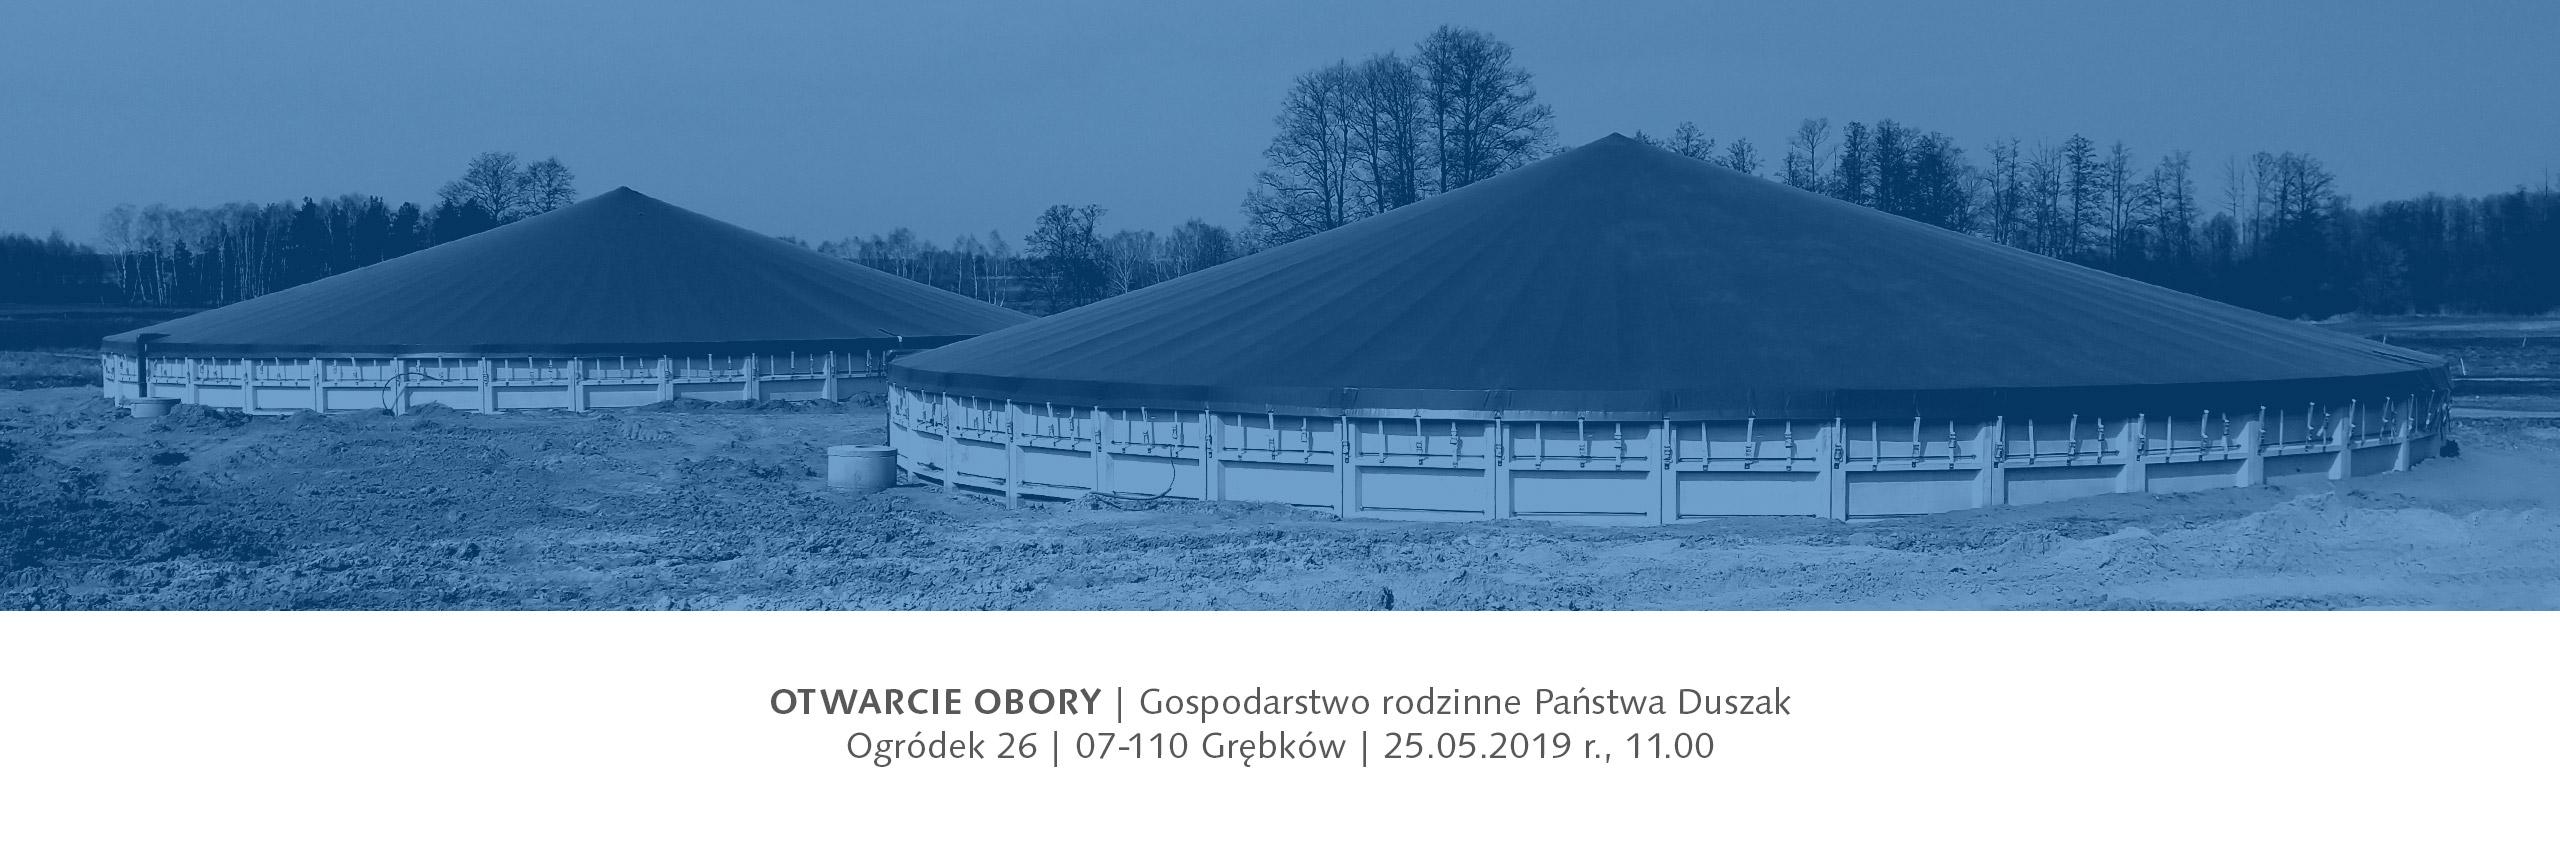 Gospodarstwo rodzinne Państwa Duszak   Ogródek 26   07-110 Grębków